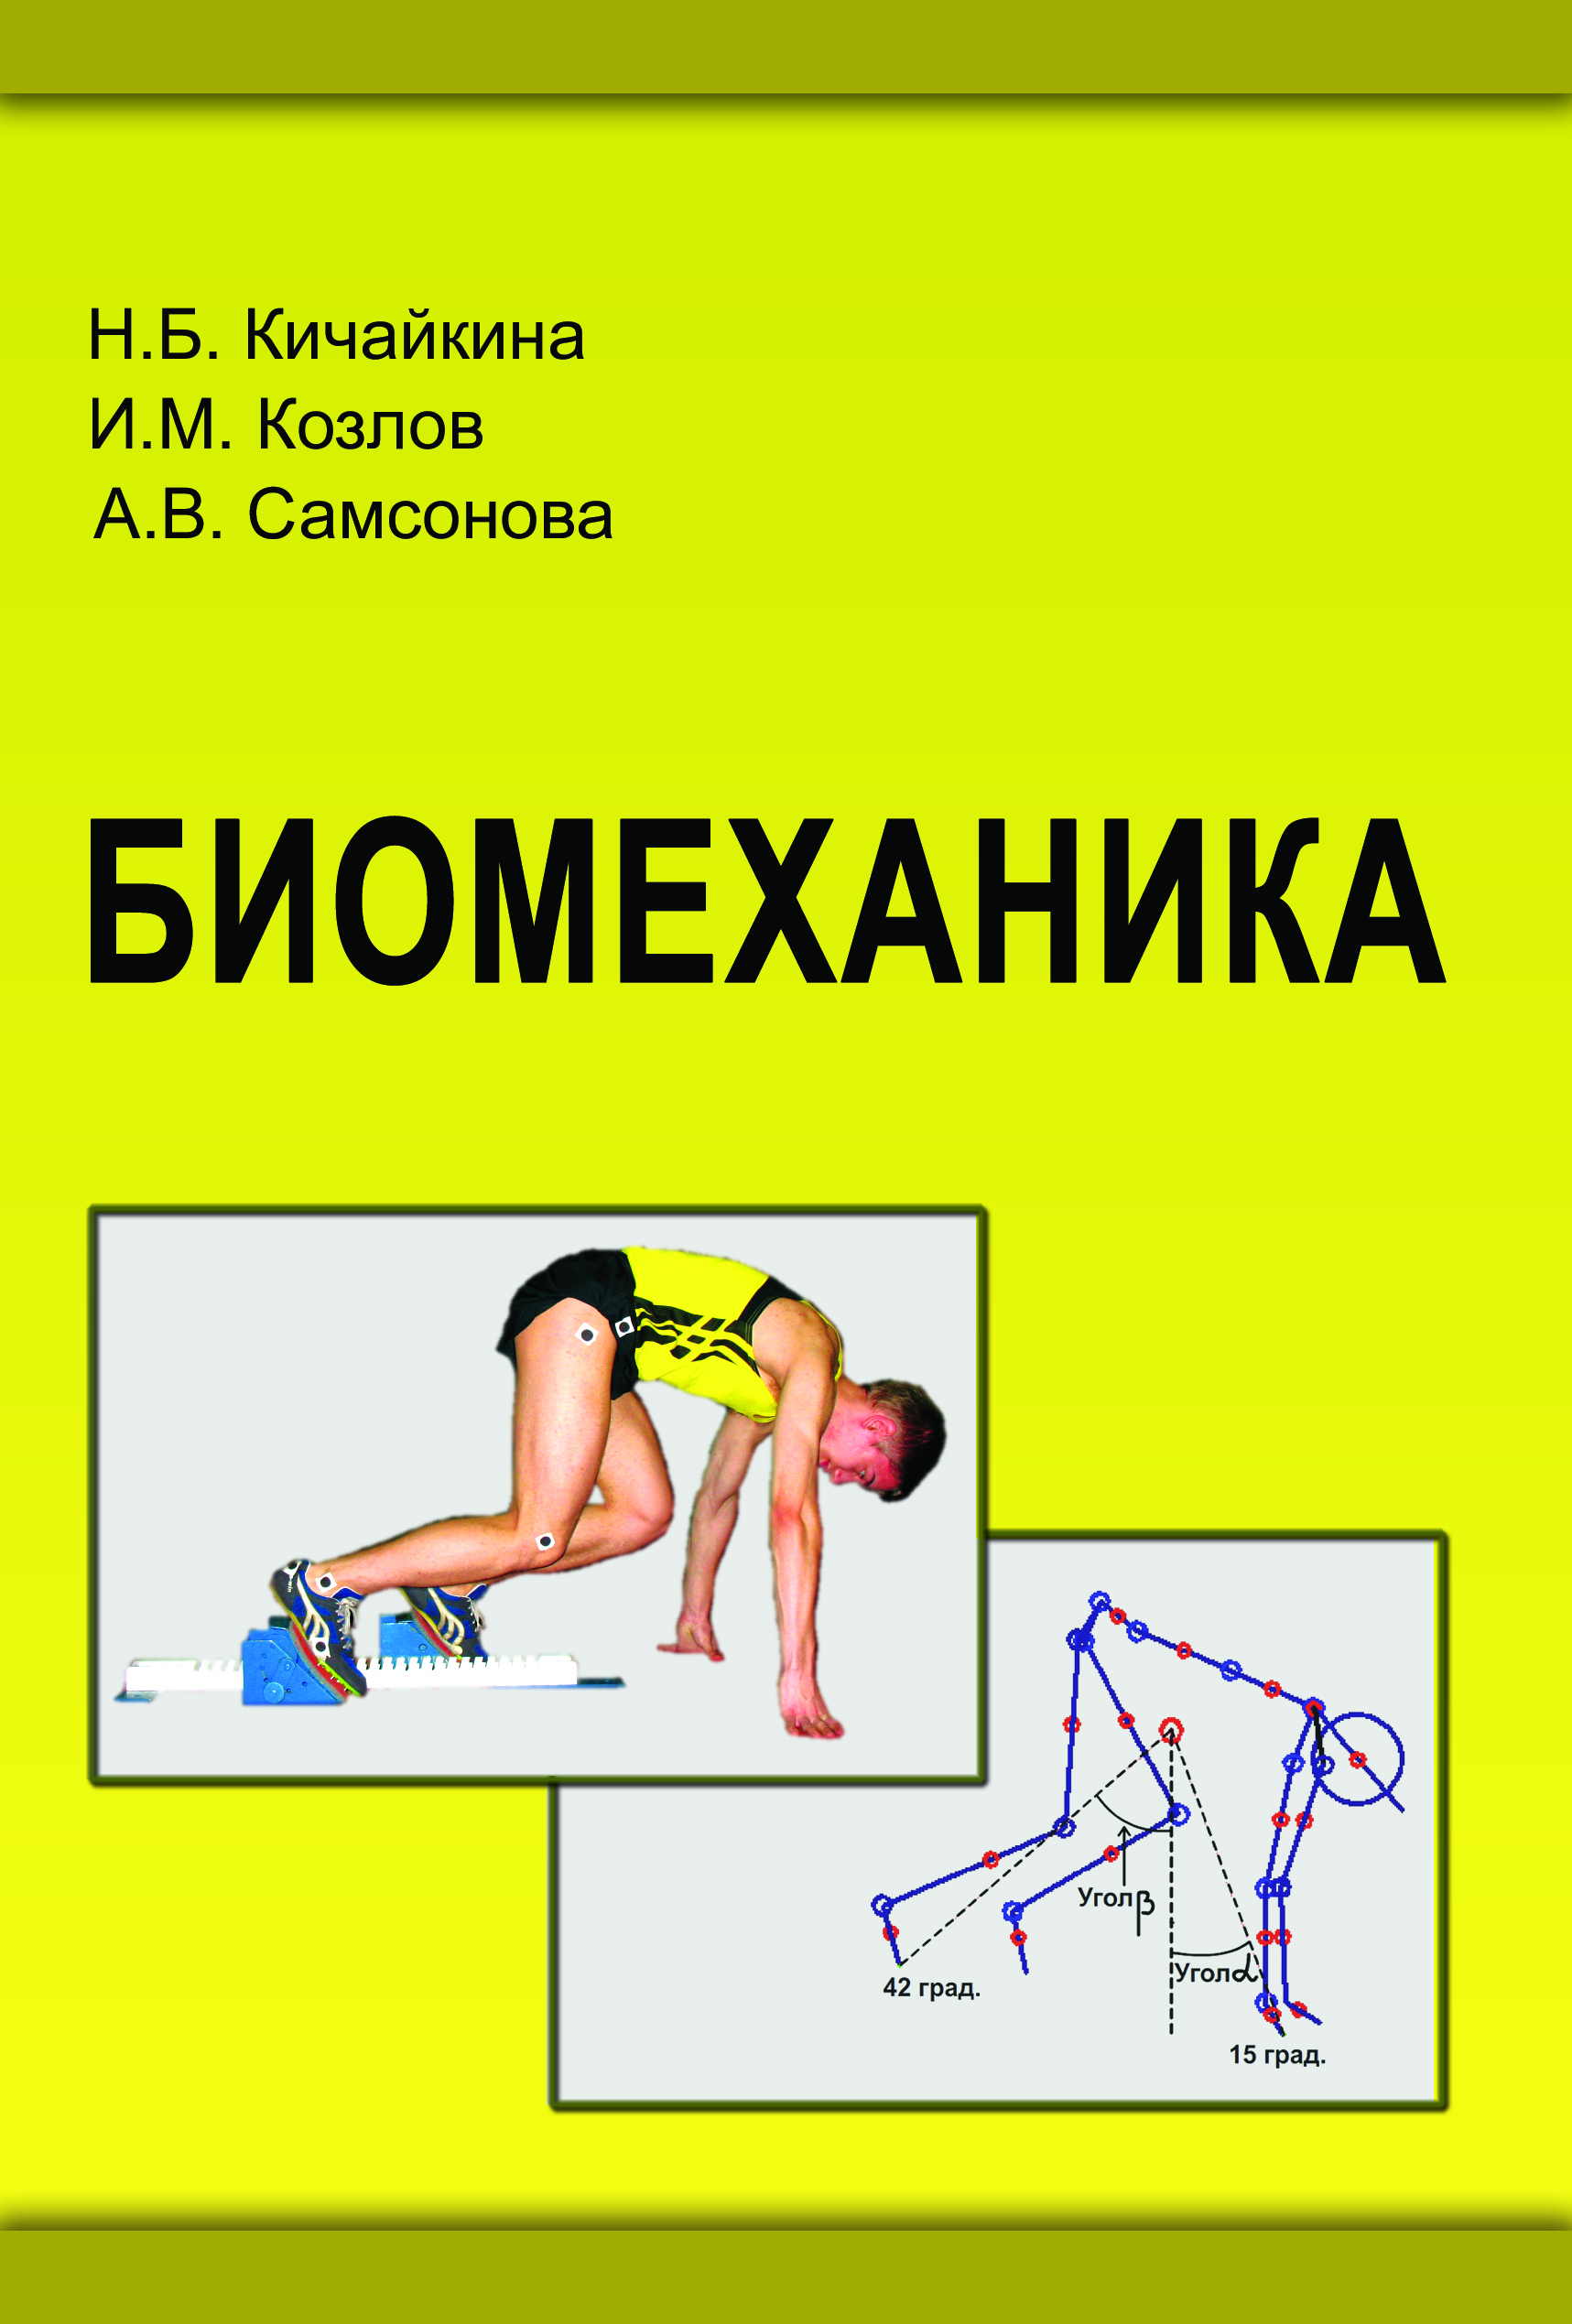 032100 физическая культура и специальности 032101 физическая кул: